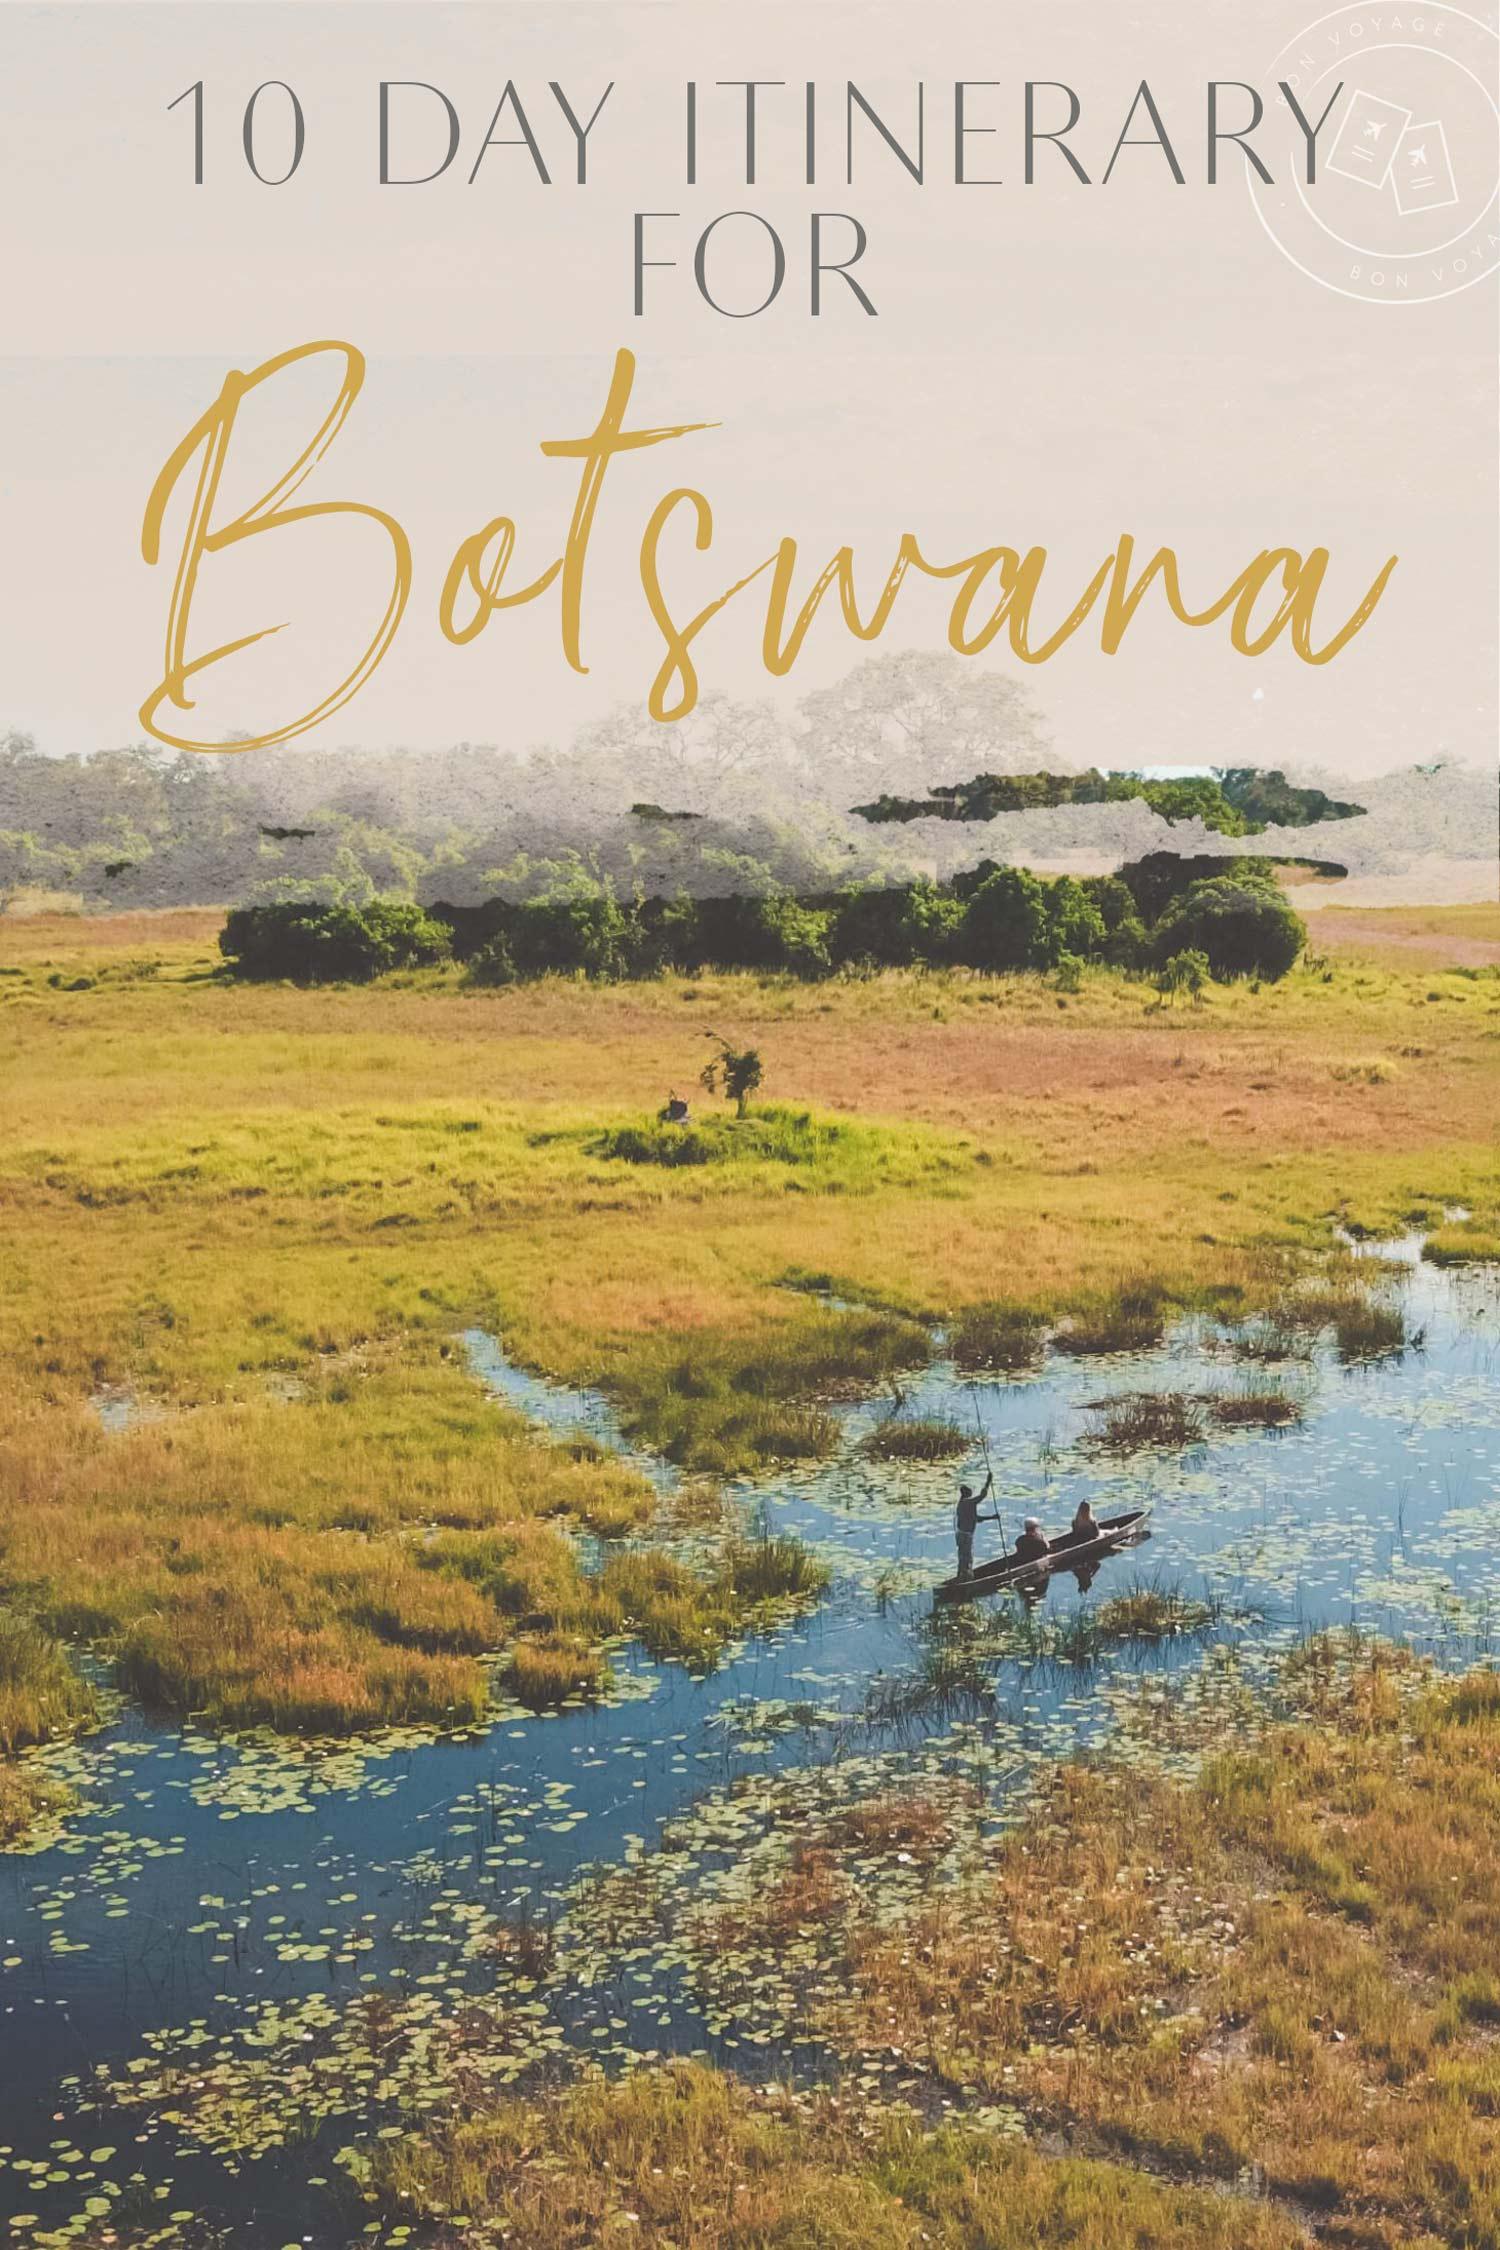 10 day itinerary for botswana